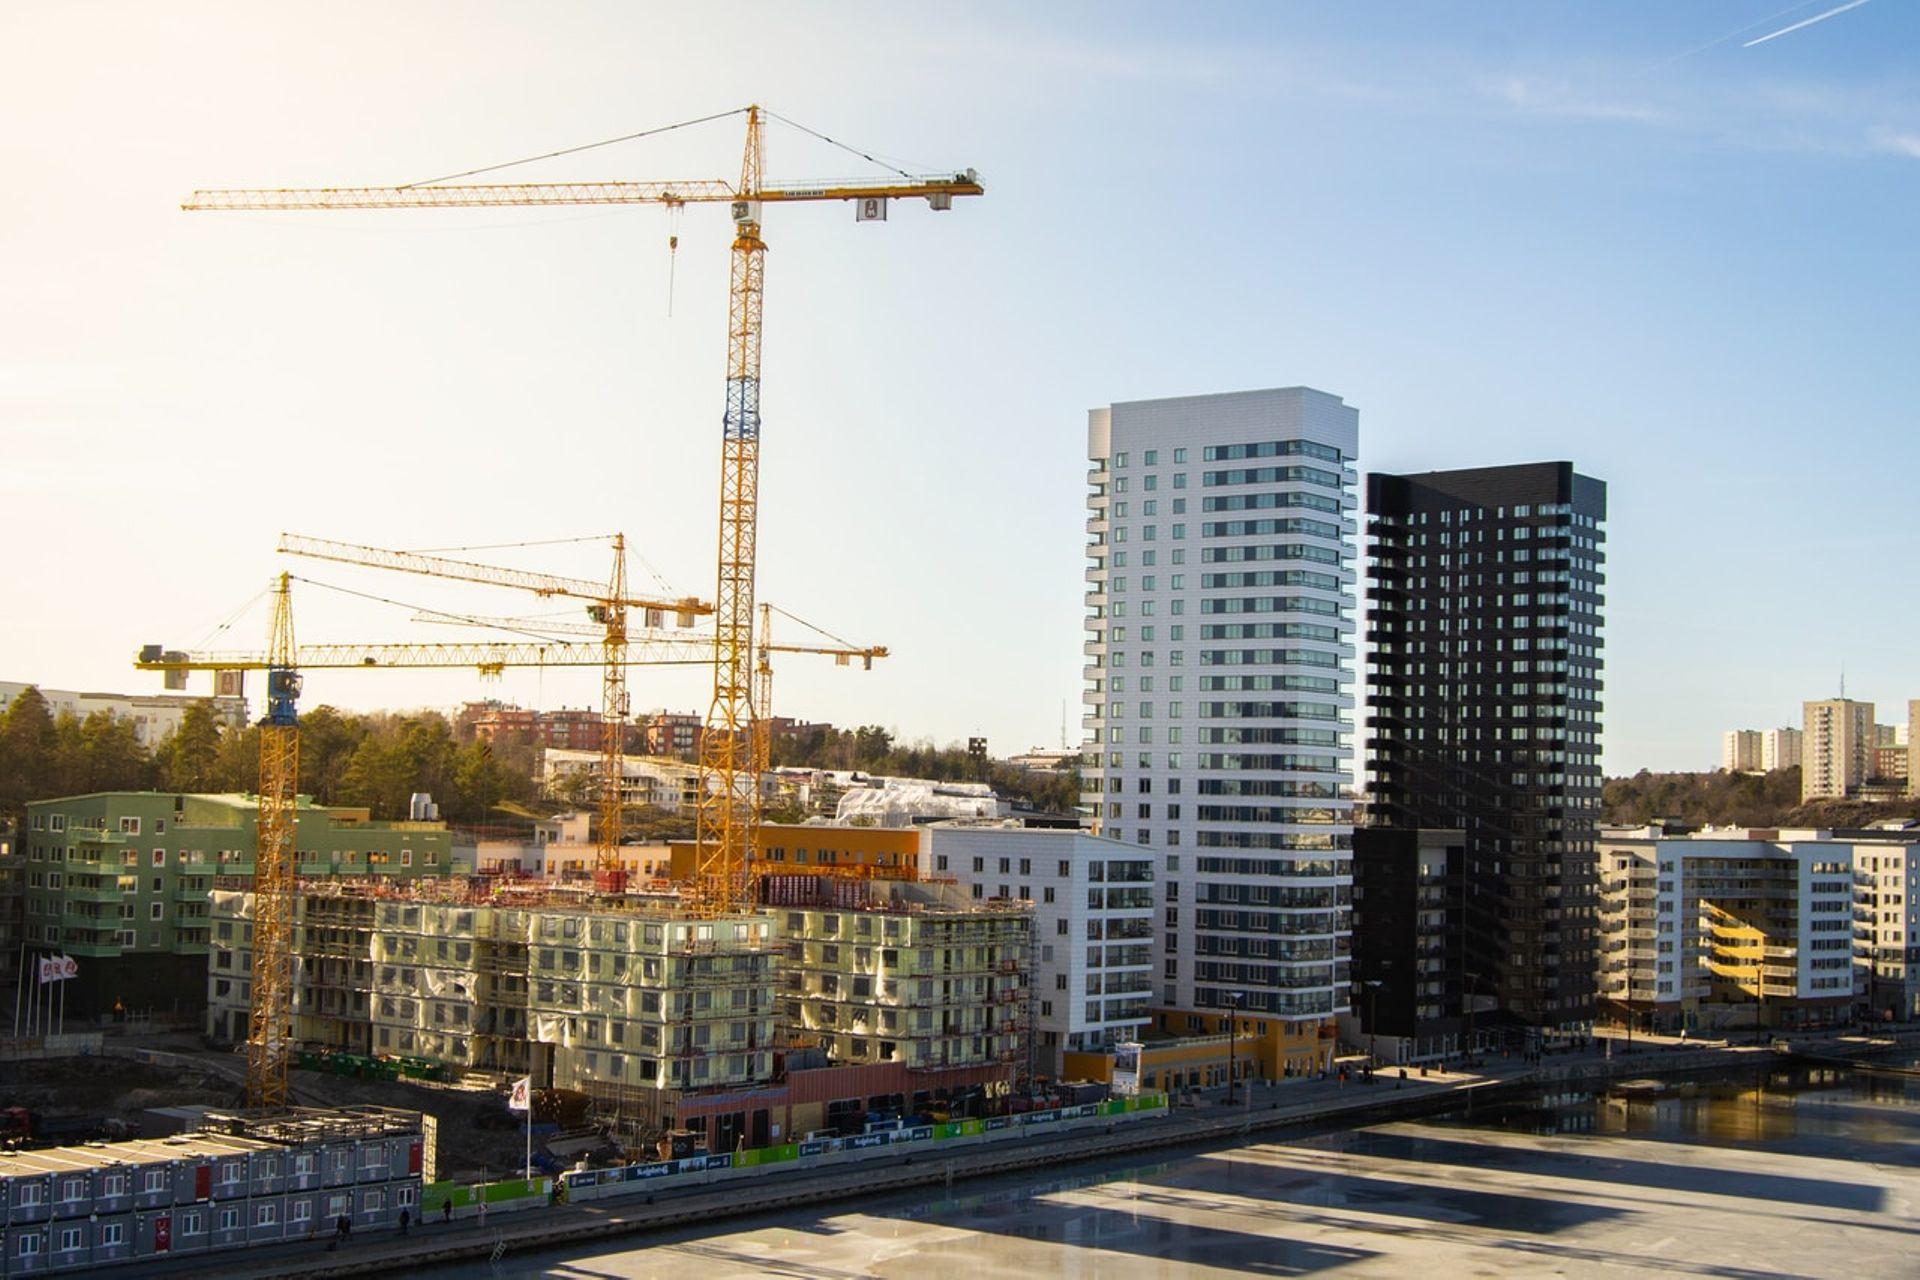 Od czego zależy cena mieszkania? – Najważniejsze czynniki